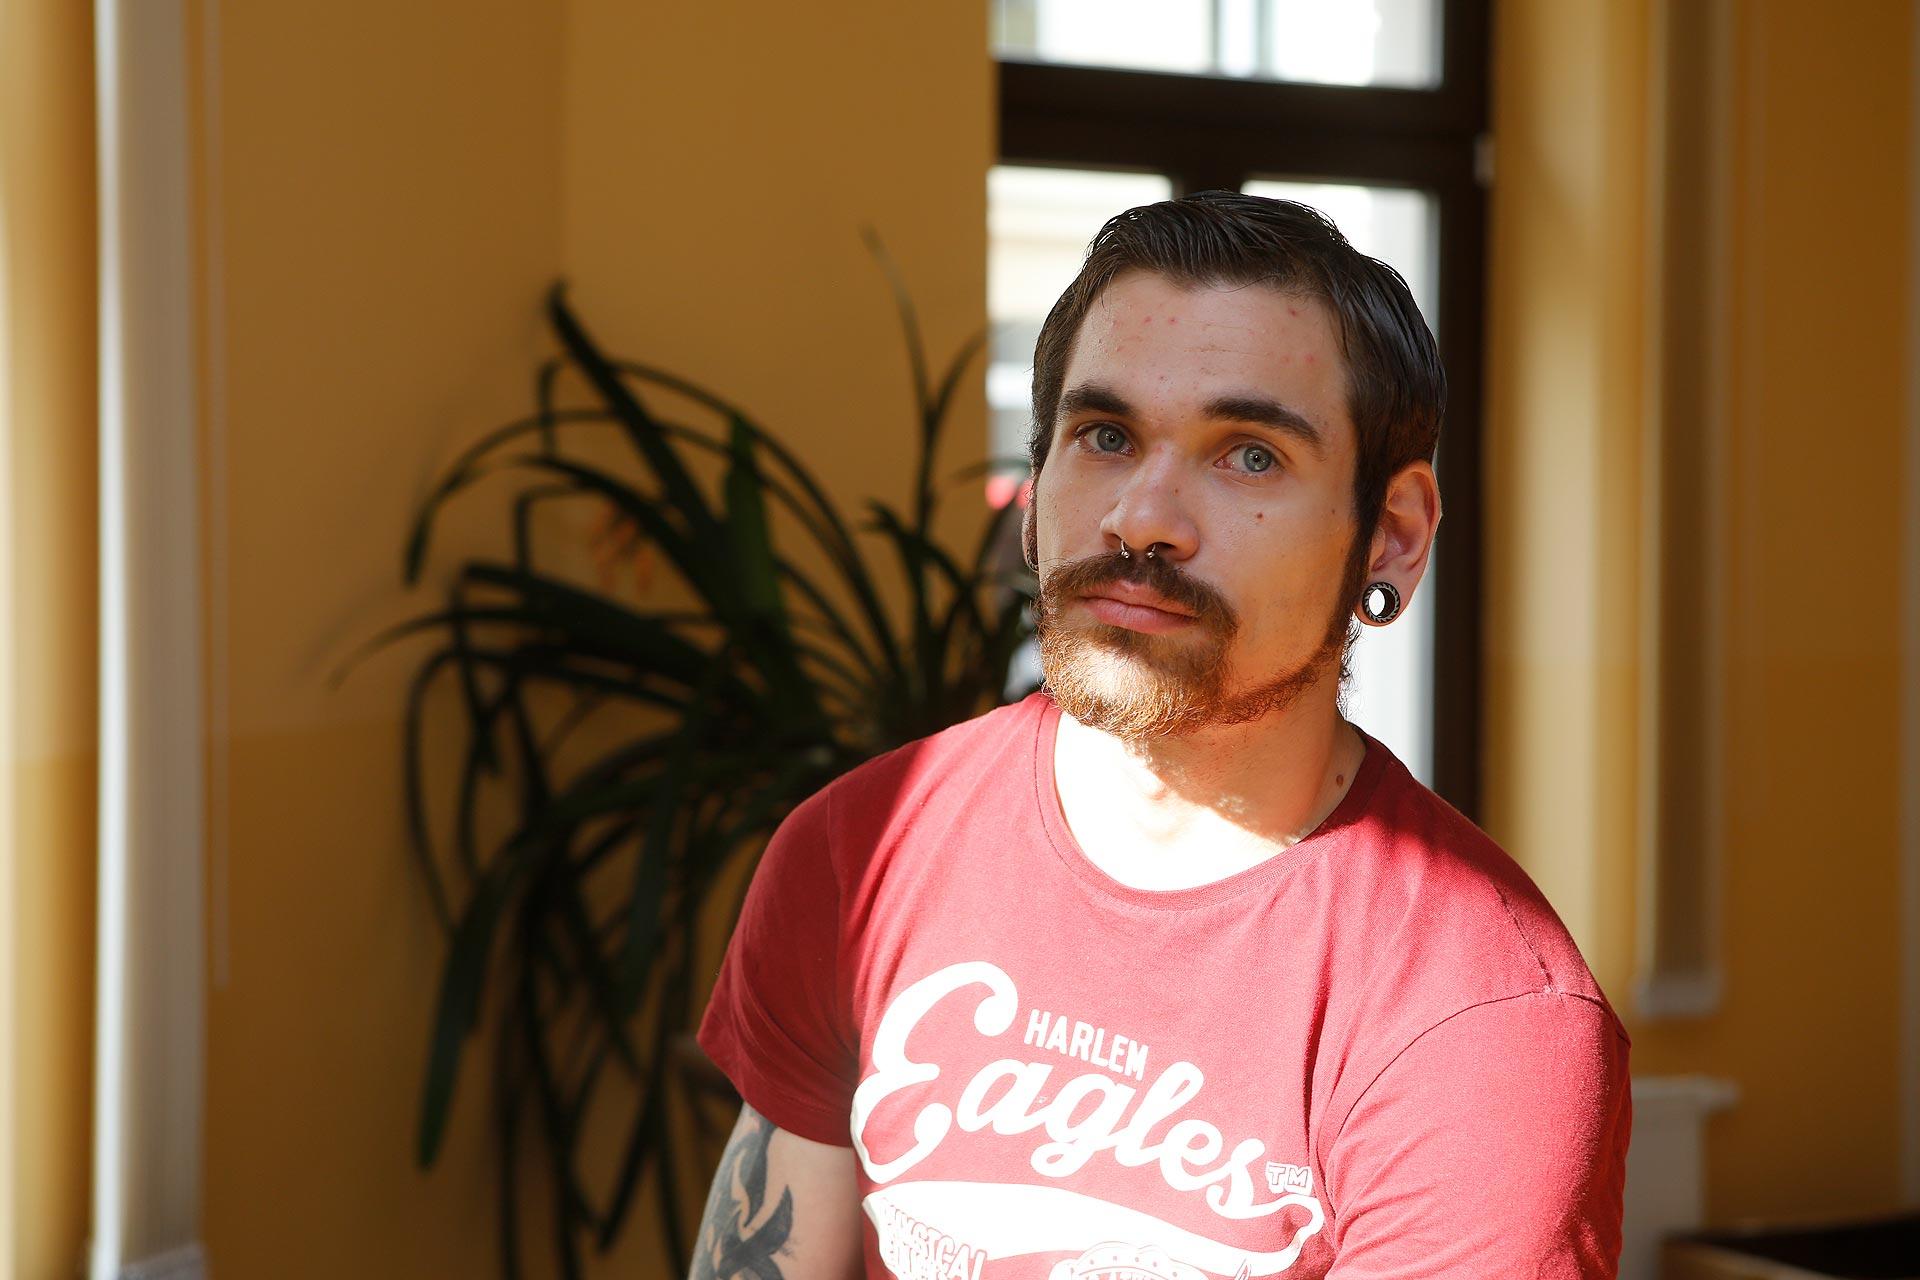 Micha nahm das erste Mal mit 17 Jahren Crystal und kämpft seitdem mit seiner Drogenabhängigkeit.